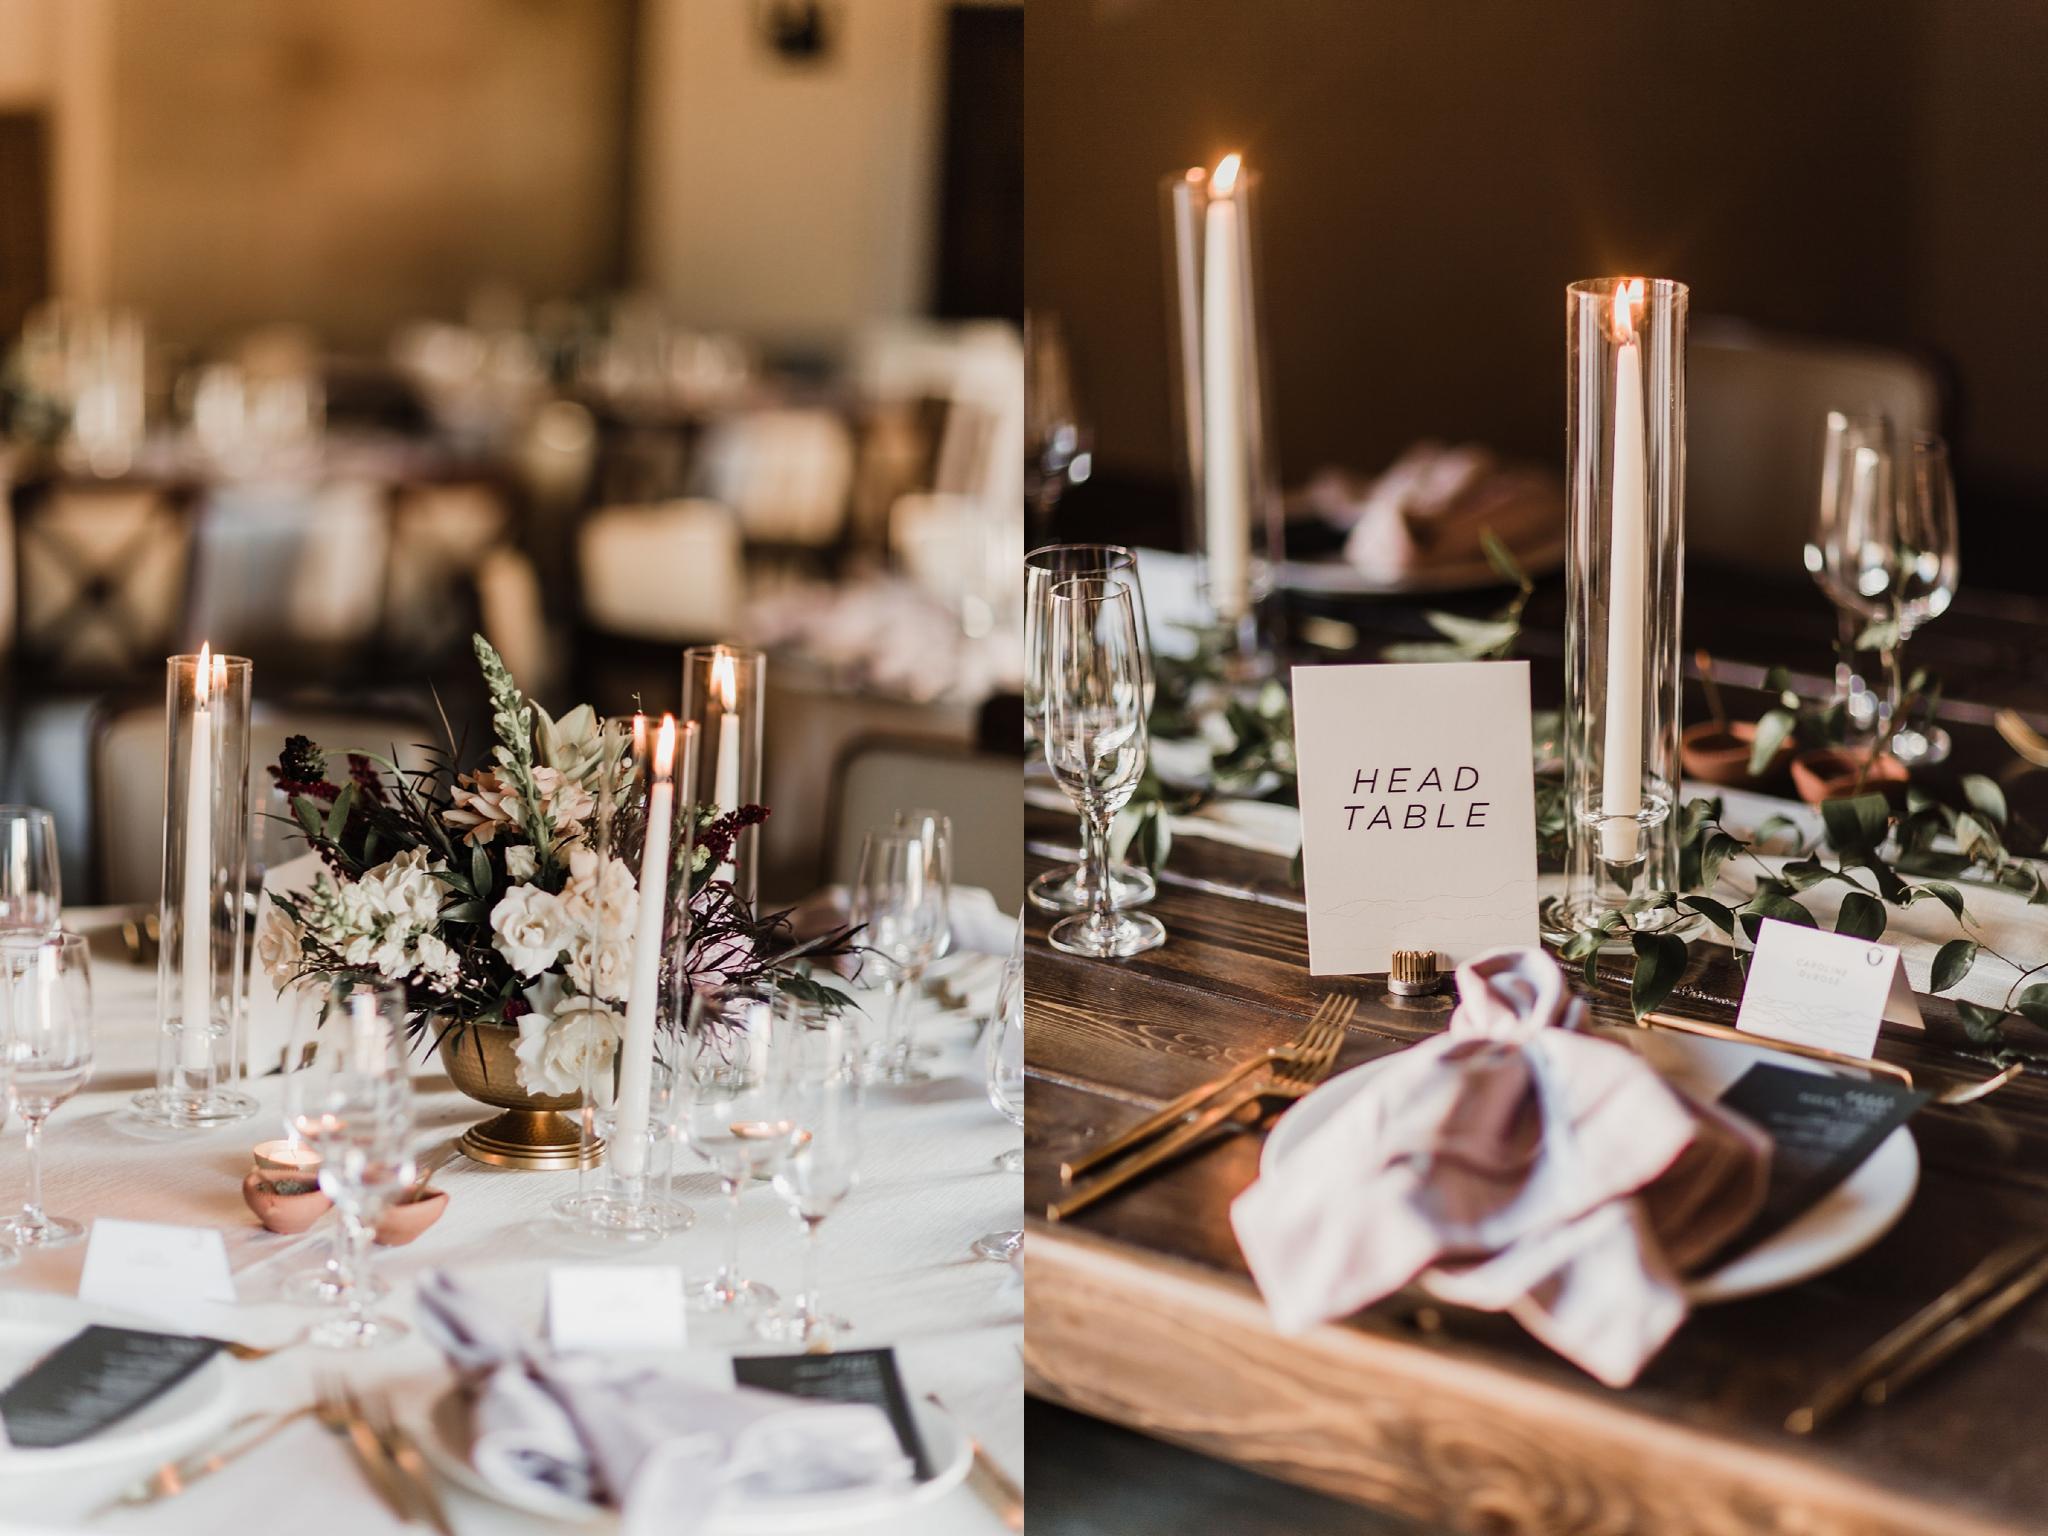 Alicia+lucia+photography+-+albuquerque+wedding+photographer+-+santa+fe+wedding+photography+-+new+mexico+wedding+photographer+-+new+mexico+wedding+-+wedding+-+winter+wedding+-+wedding+reception+-+winter+wedding+reception_0004.jpg